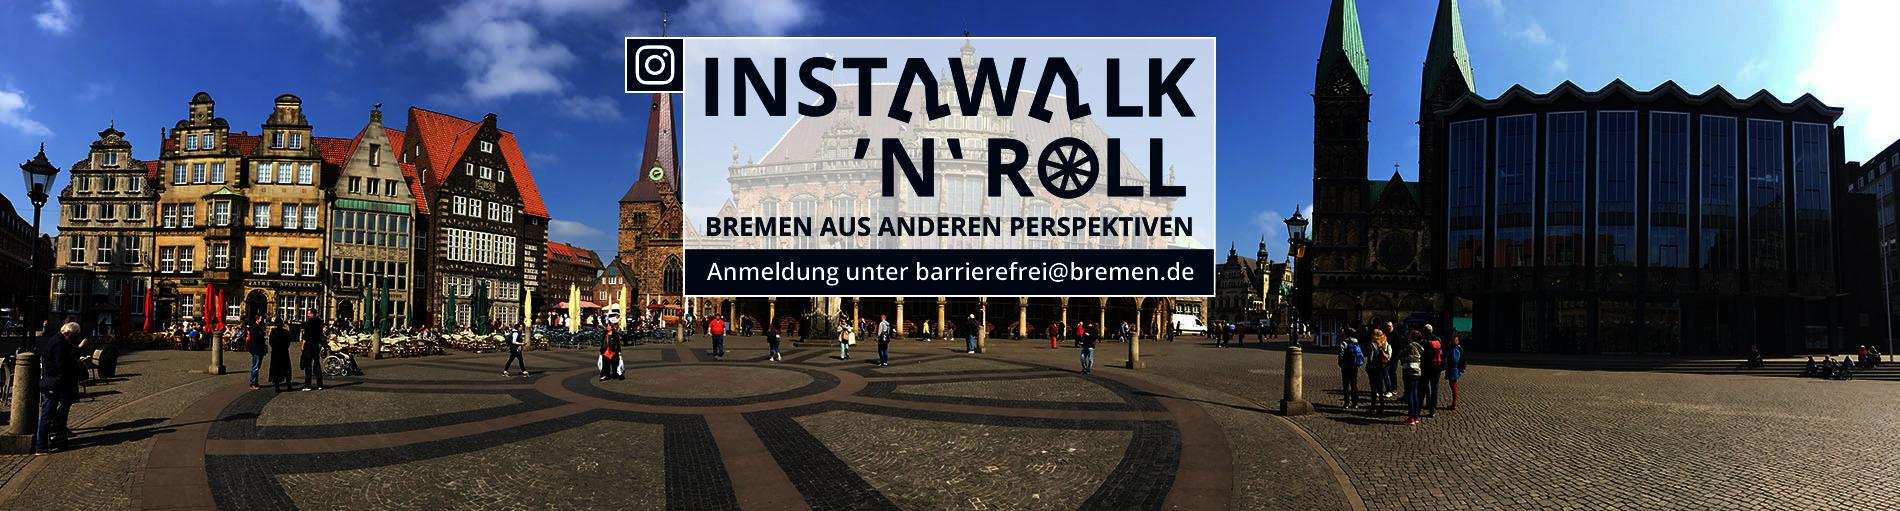 Werbemotiv für einen barrierefreien Stadtrundgang im Hintergrund Häuser auf dem Bremer Marktplatz